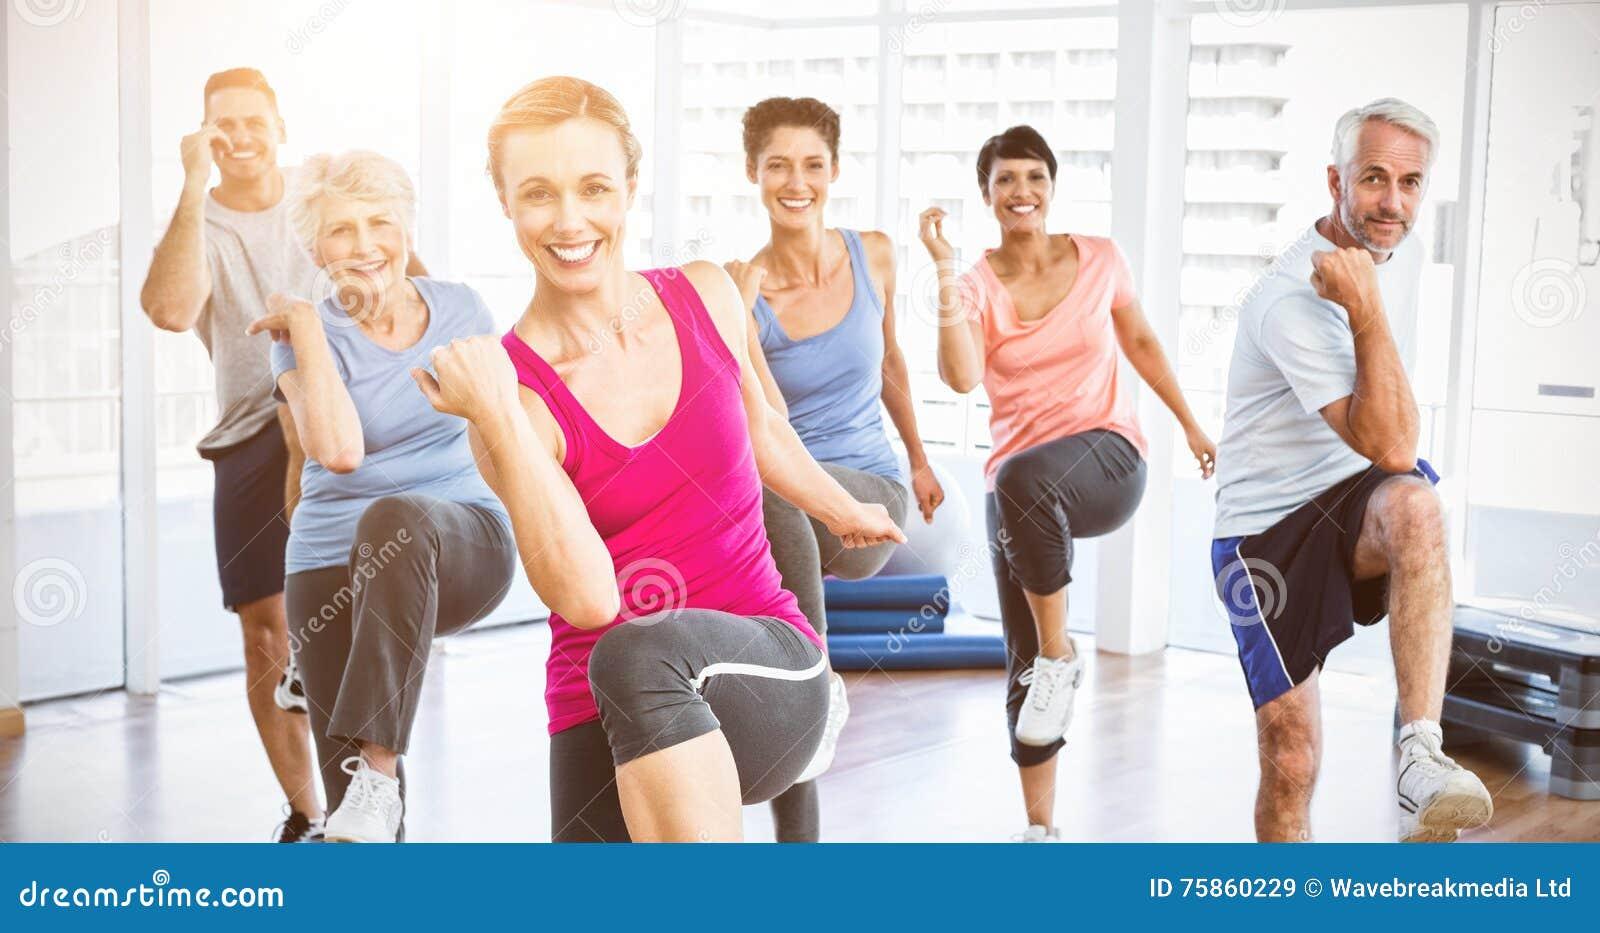 Усмехаясь люди делая фитнес силы работают на занятиях йогой